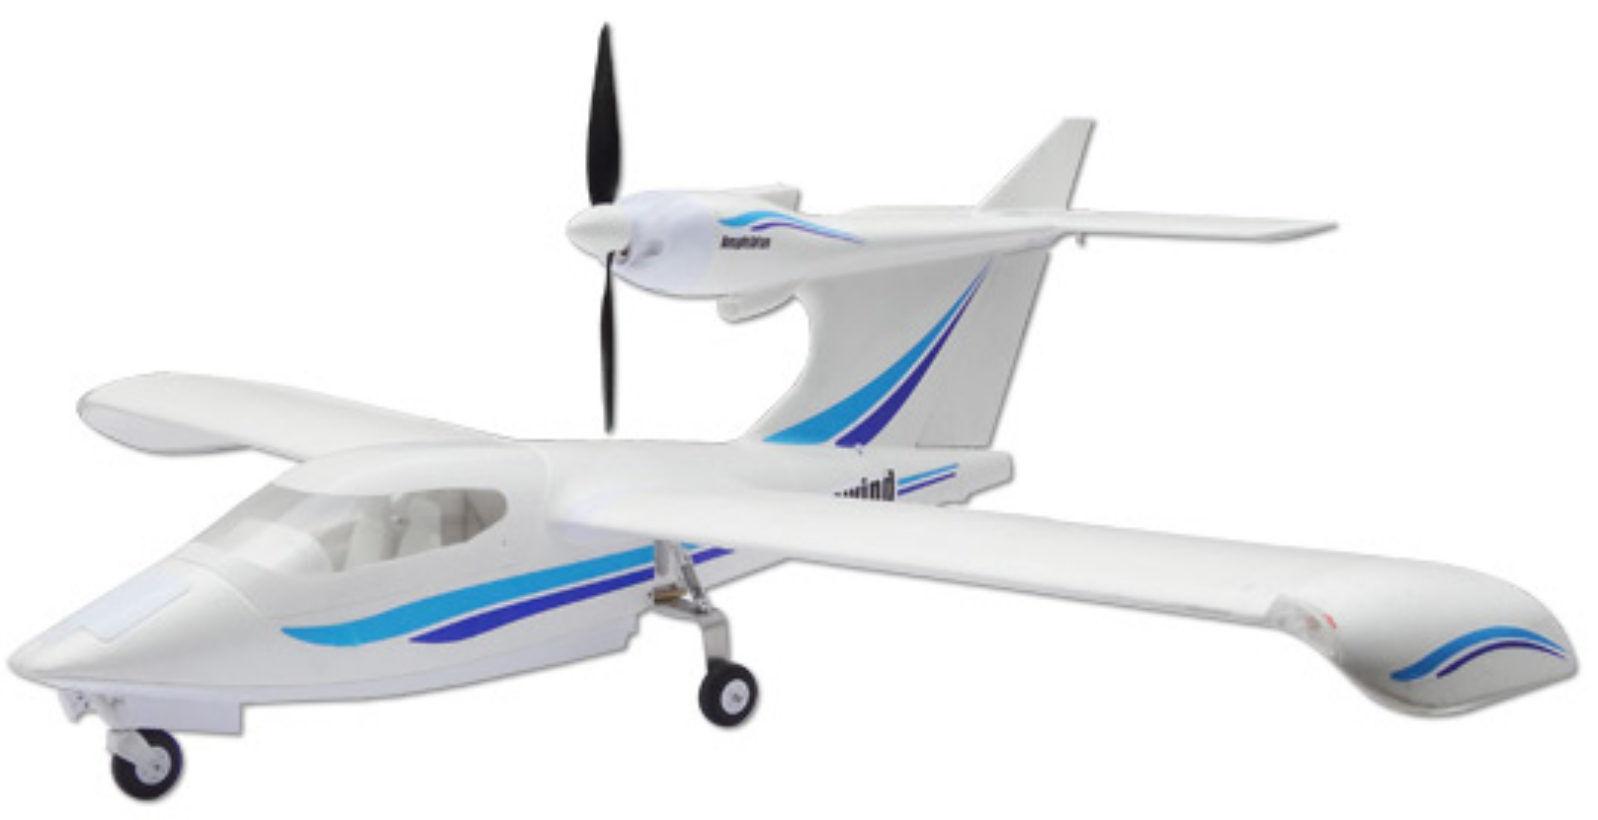 T2M MARE VENTO ARF RC Idrovolante con brushlessantrieb, 3 assi e flaps T4514